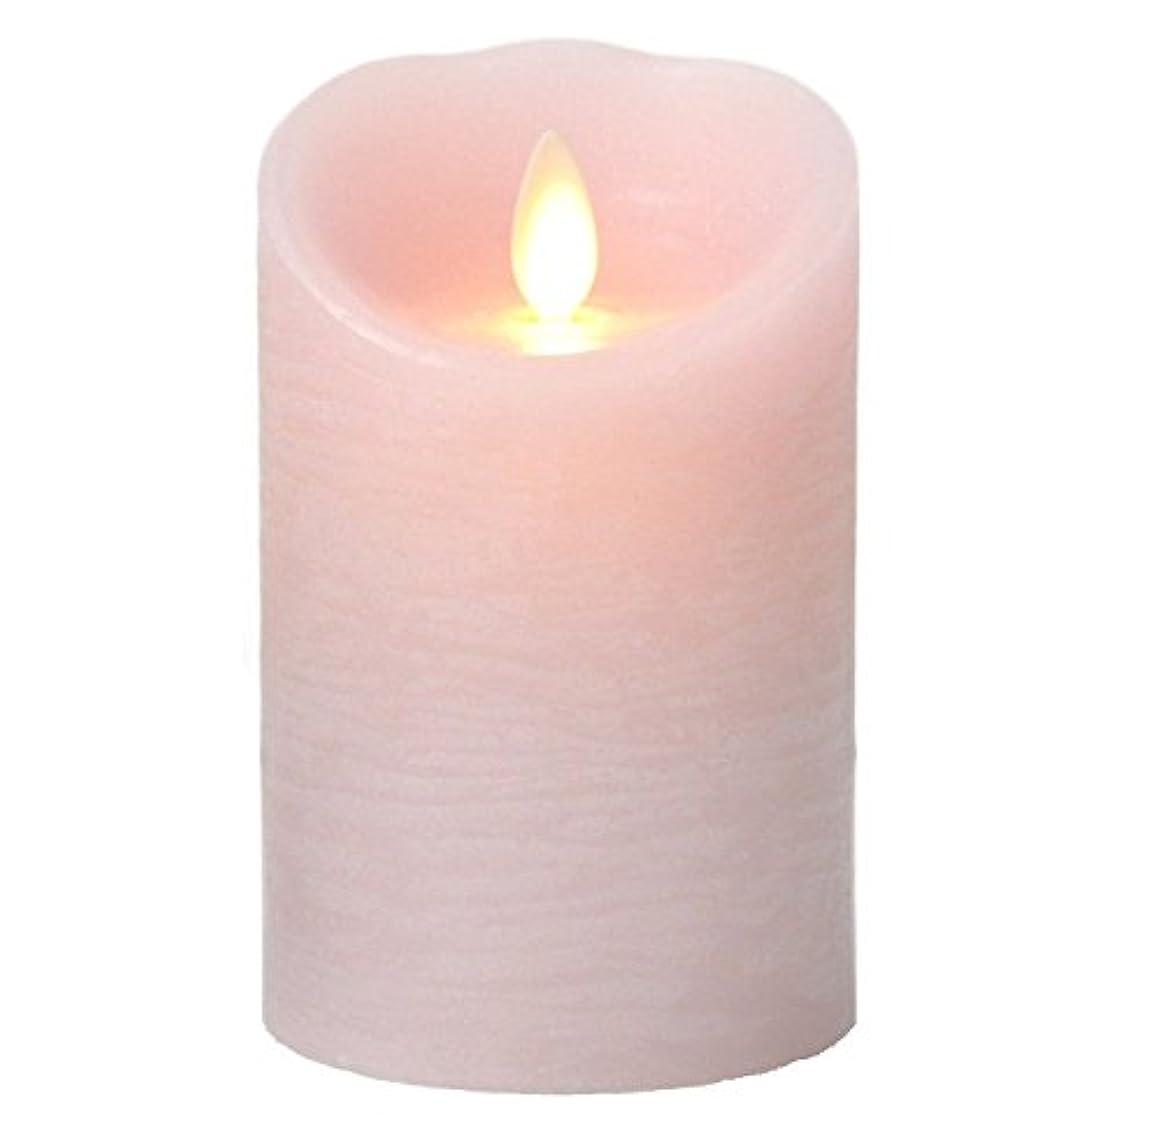 吸収する輝く子LUMINARA(ルミナラ)ピラー3×4【ギフトボックス付き】 「 ピンク 」 03070010BPK